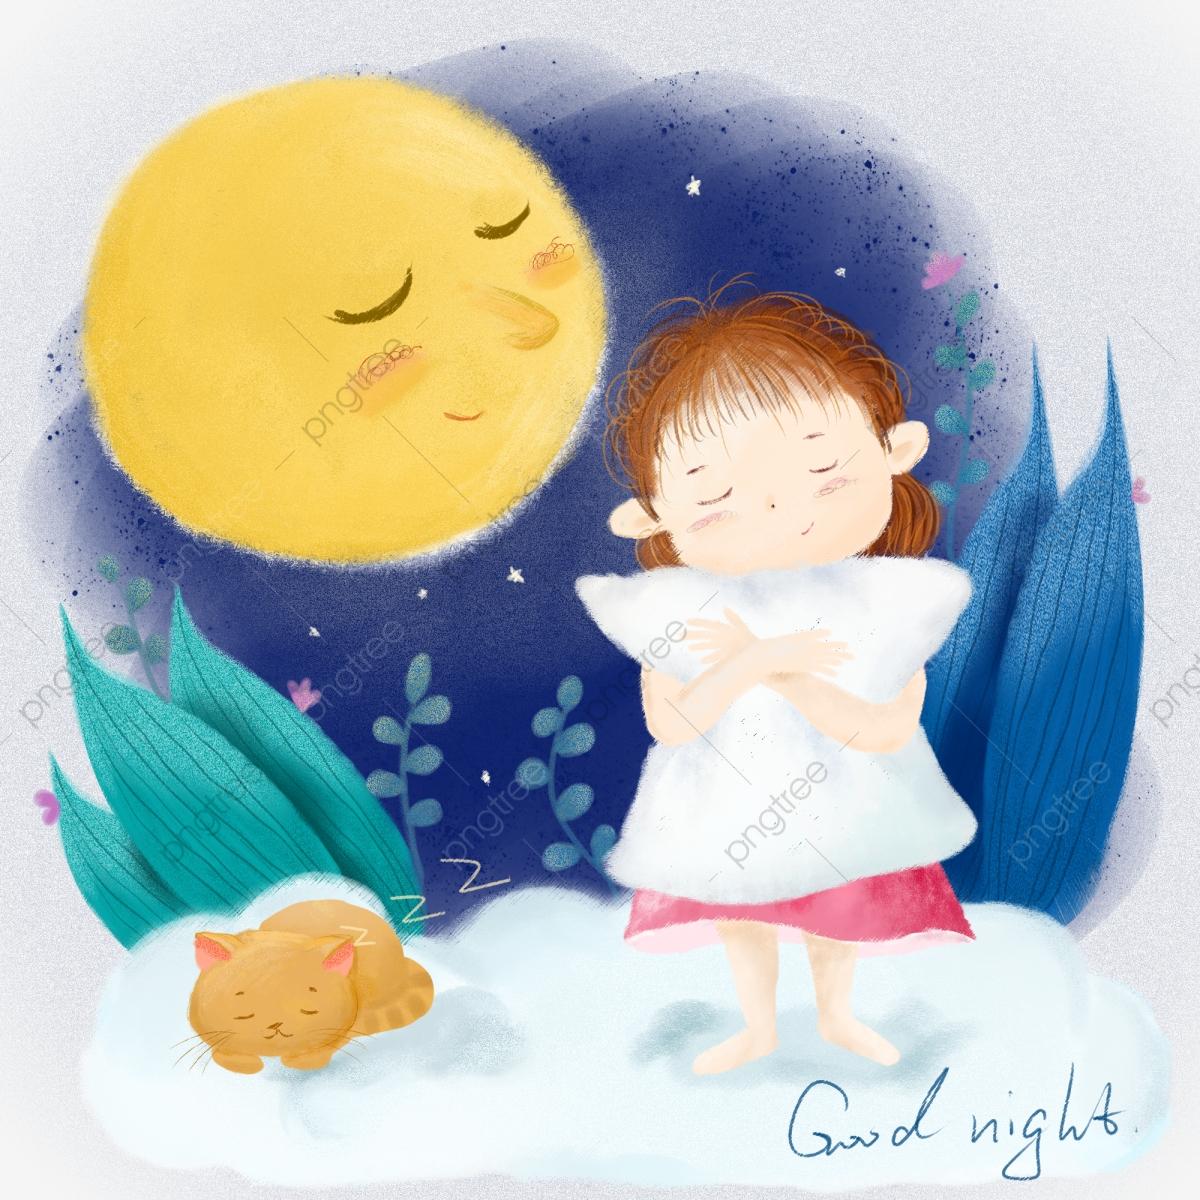 صورة صورة احلام سعيدة , اروع ليلة تراء فيها احلام سعيدا